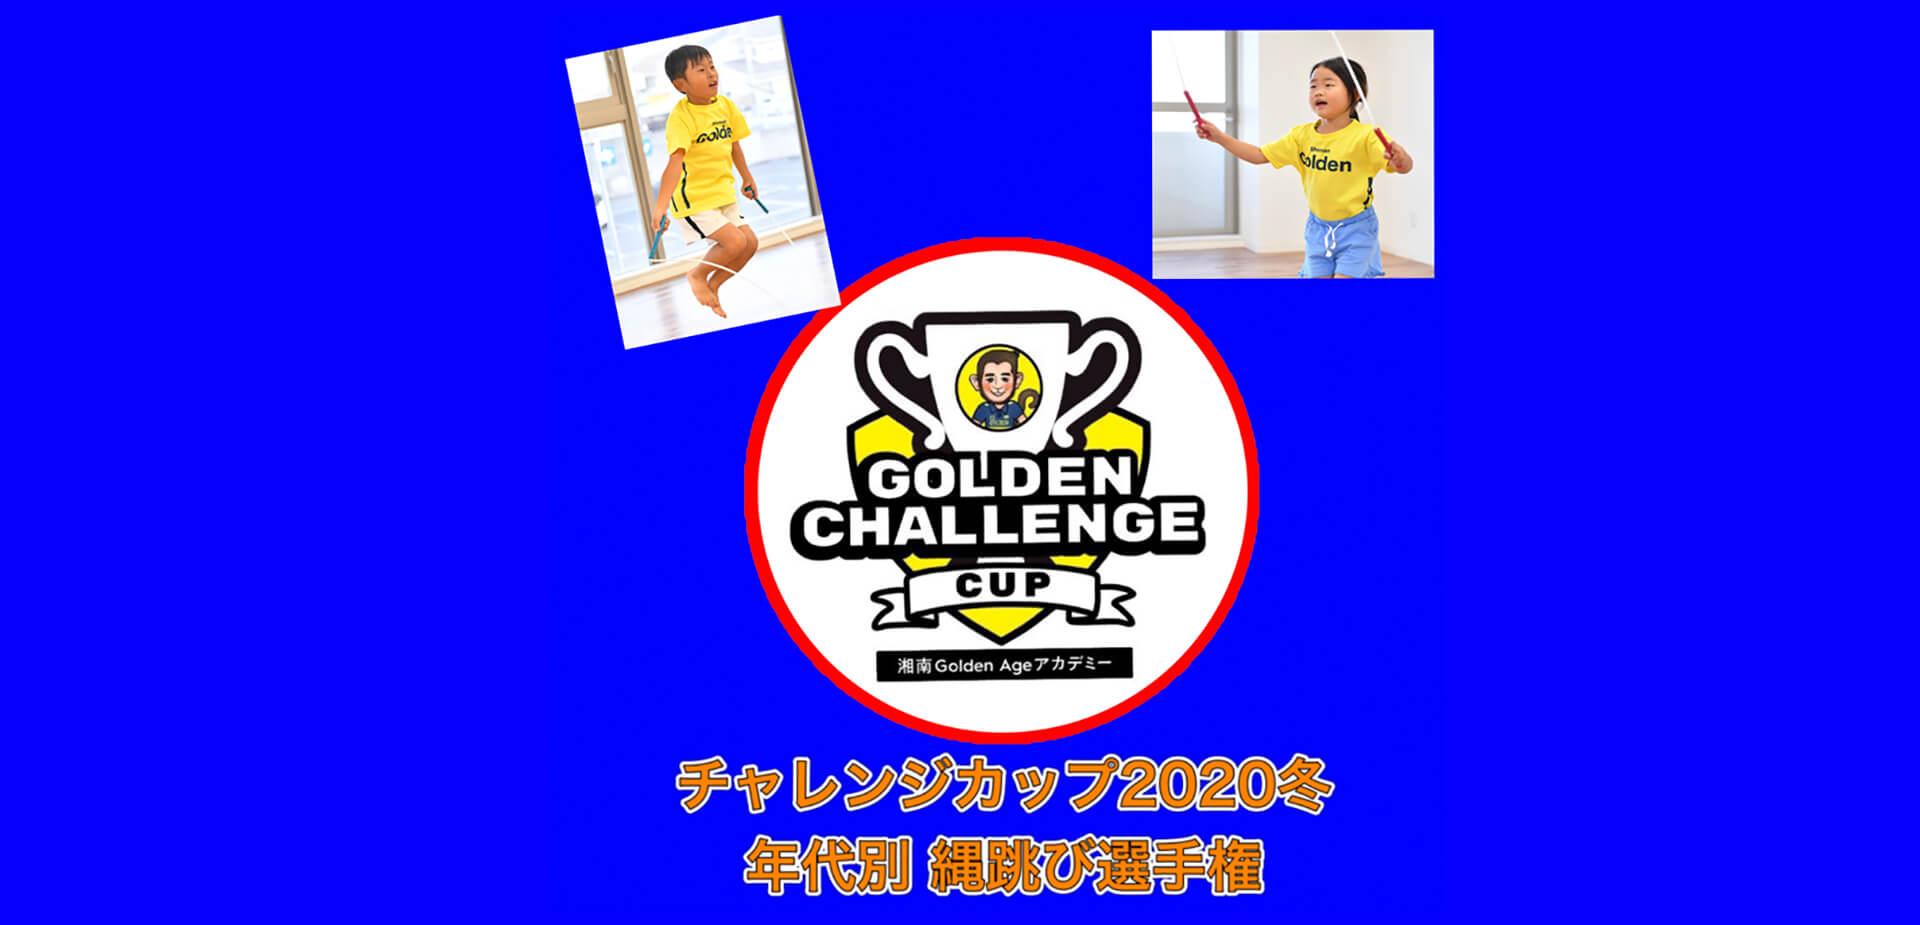 湘南GoldenAgeアカデミー運動塾